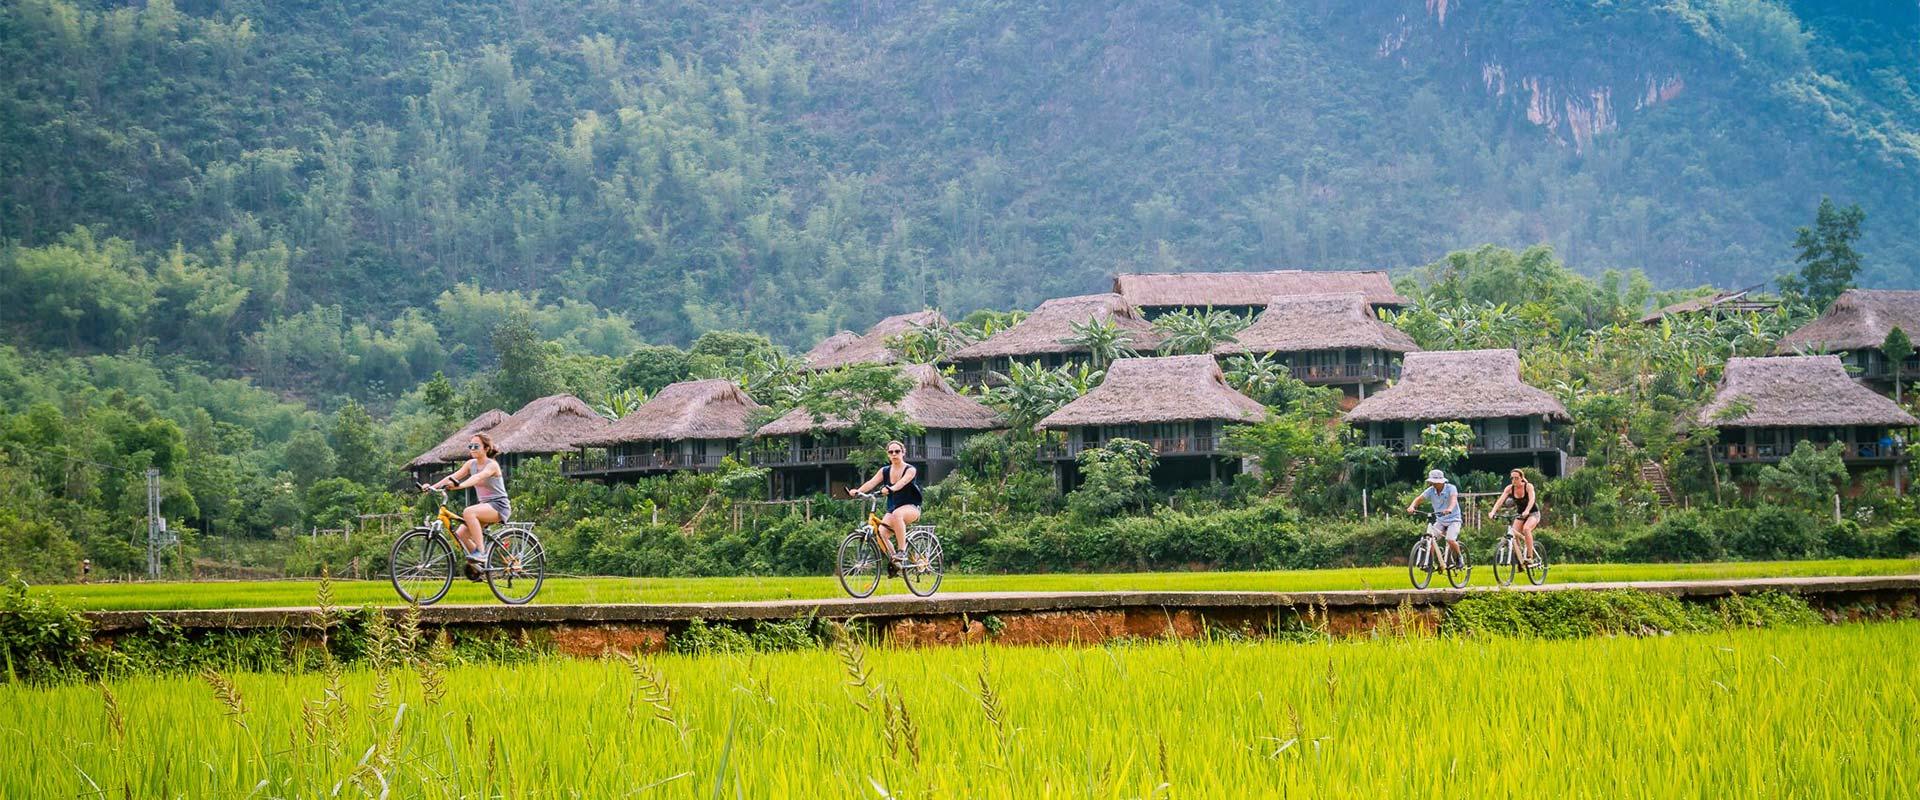 Mai Chau ballade à vélo dans les champs